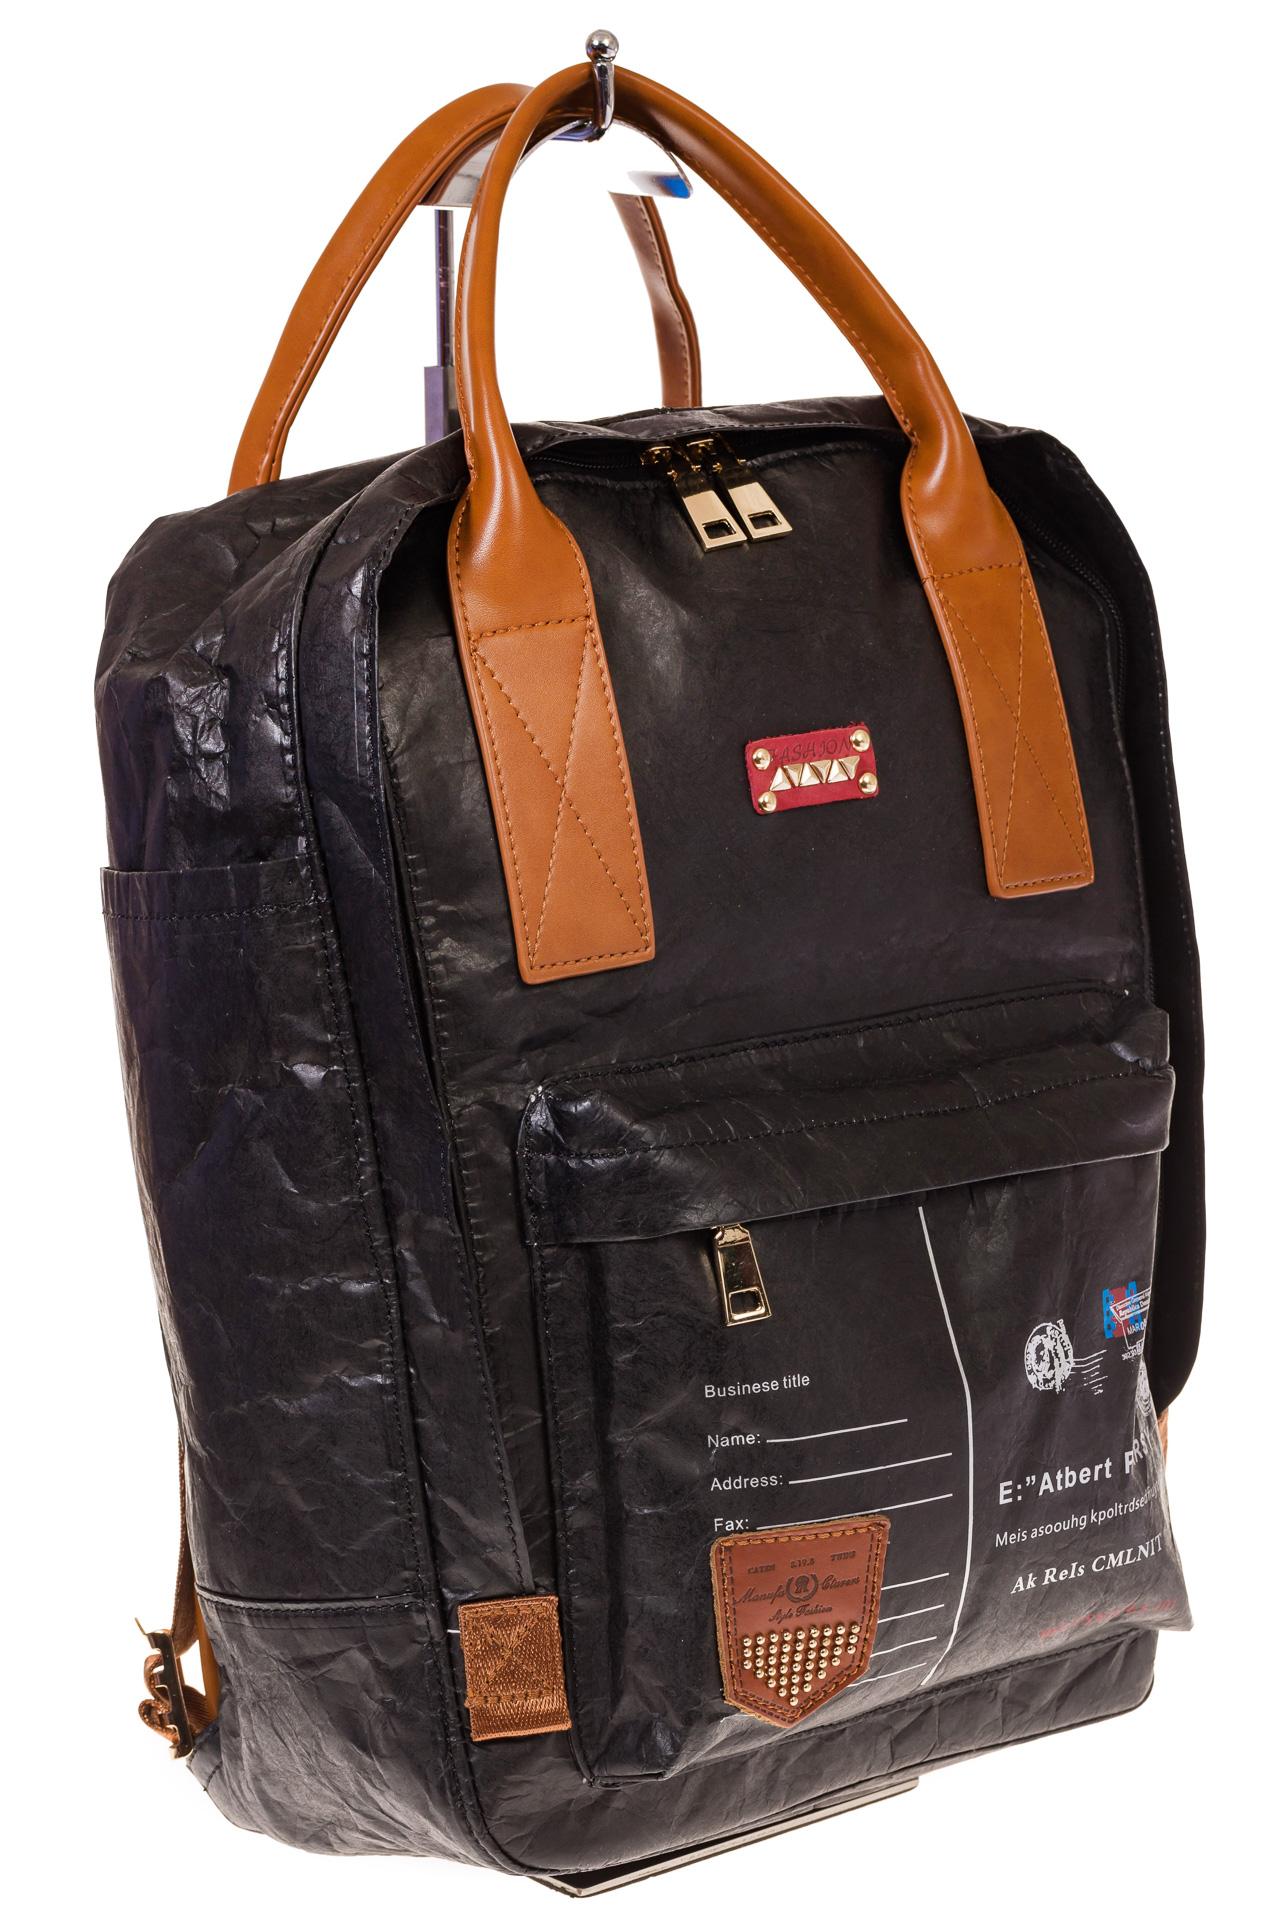 На фото черный женский рюкзак в эко-стиле из материала Tyvek, оптом